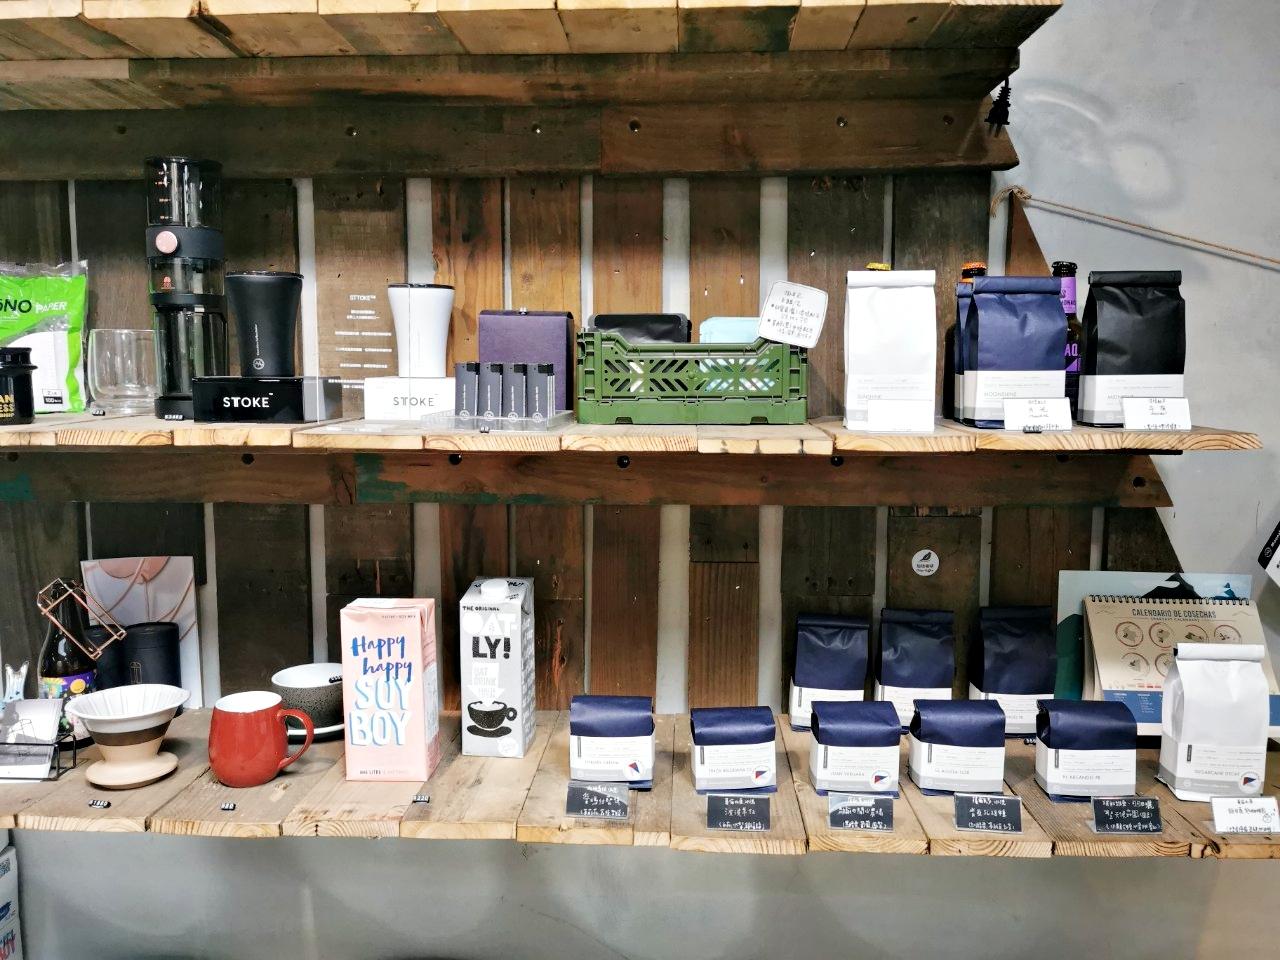 大安區咖啡廳:Moonshine Coffee Atelier私釀咖啡商行,手沖咖啡、義式咖啡好喝